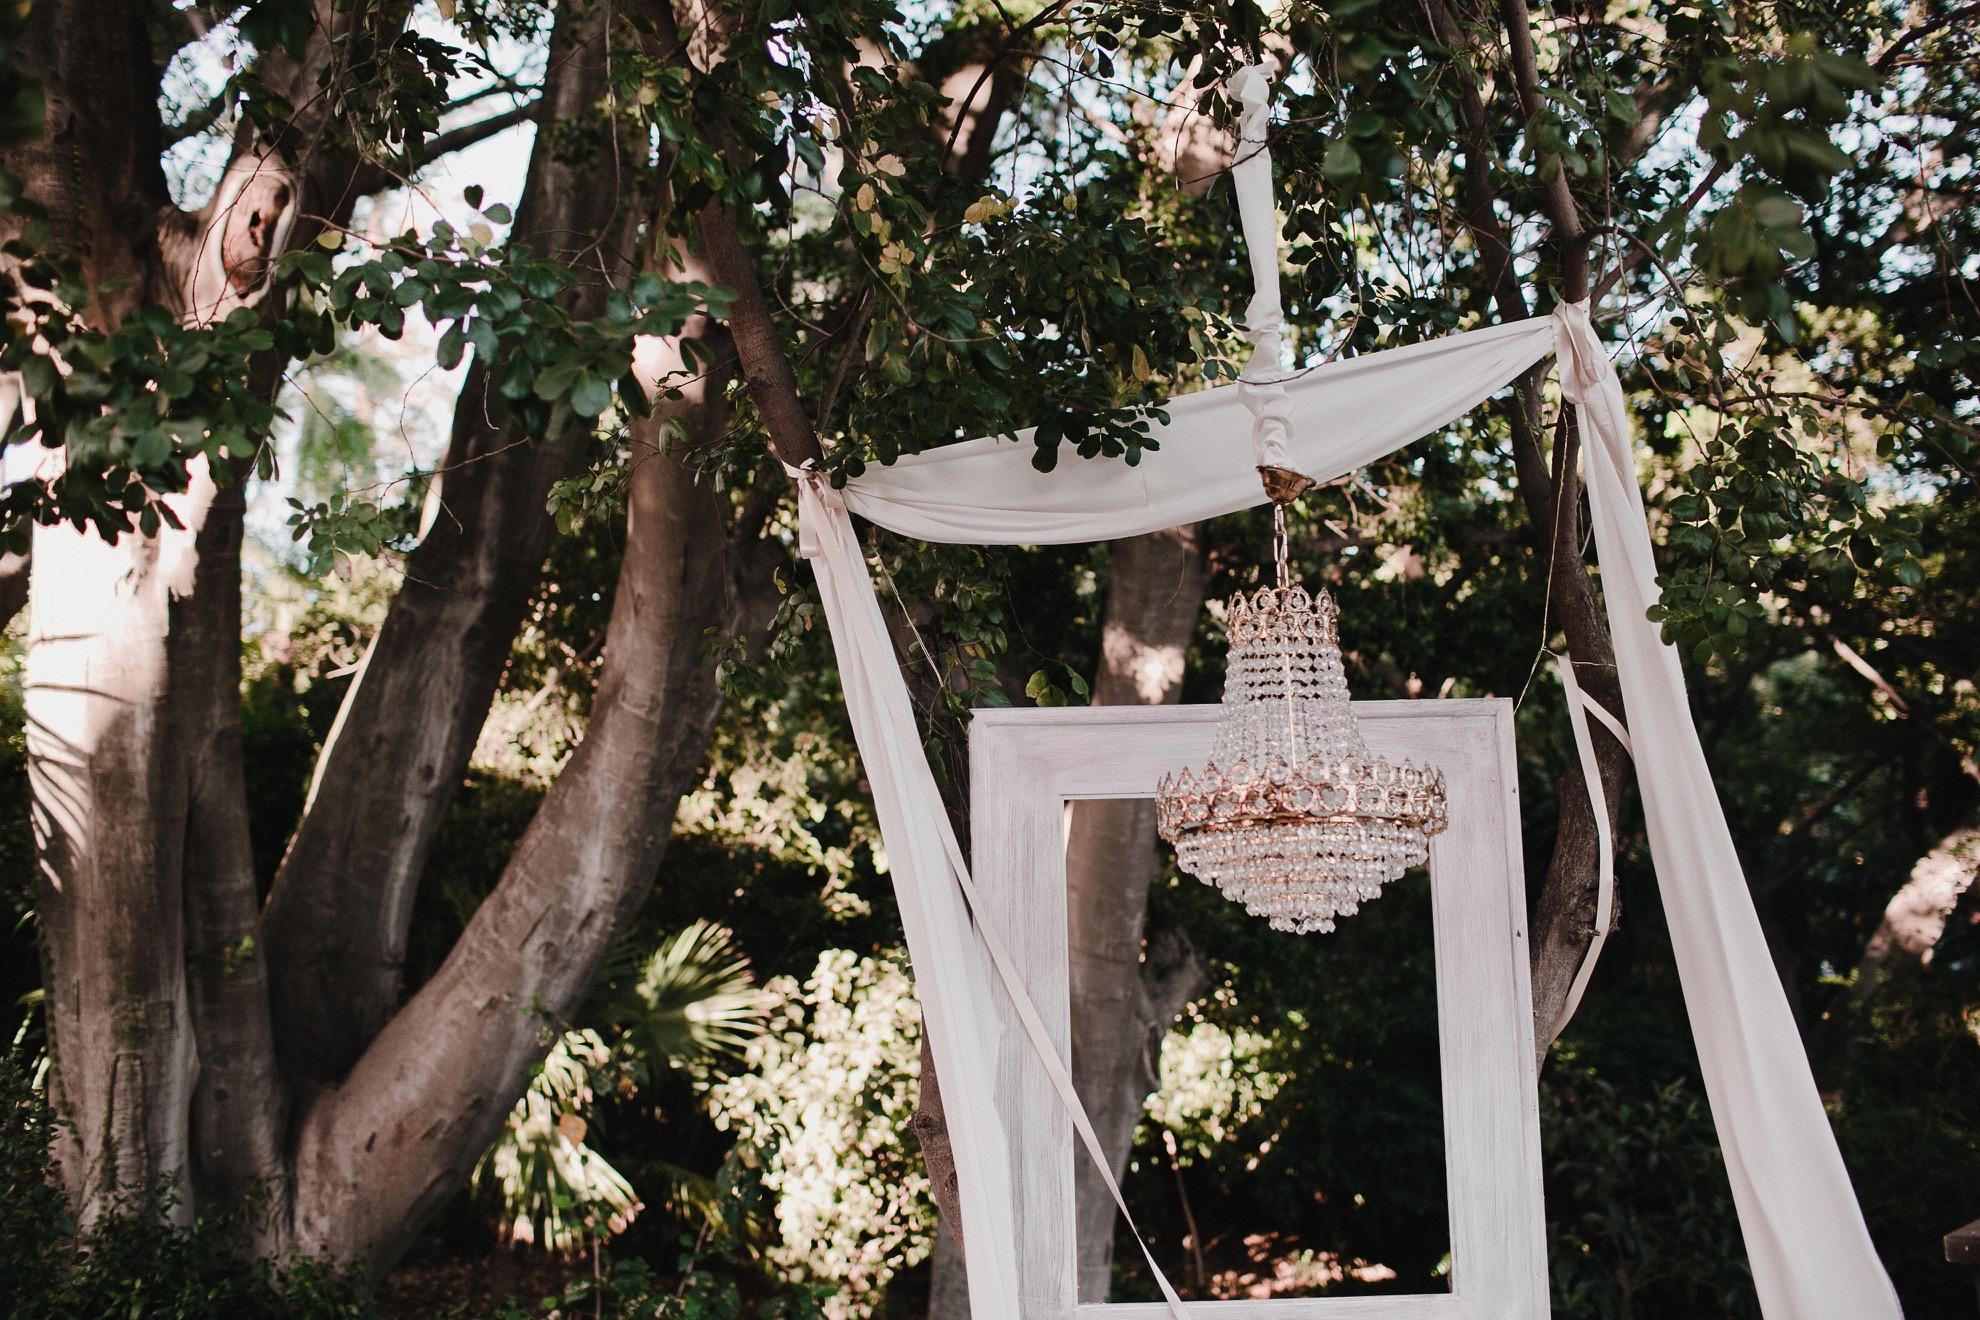 Si-Quiero-Wedding-Planner-By-Sira-Antequera-Bodas-Málaga-Marbella-Miami- Paola-Carlos-98